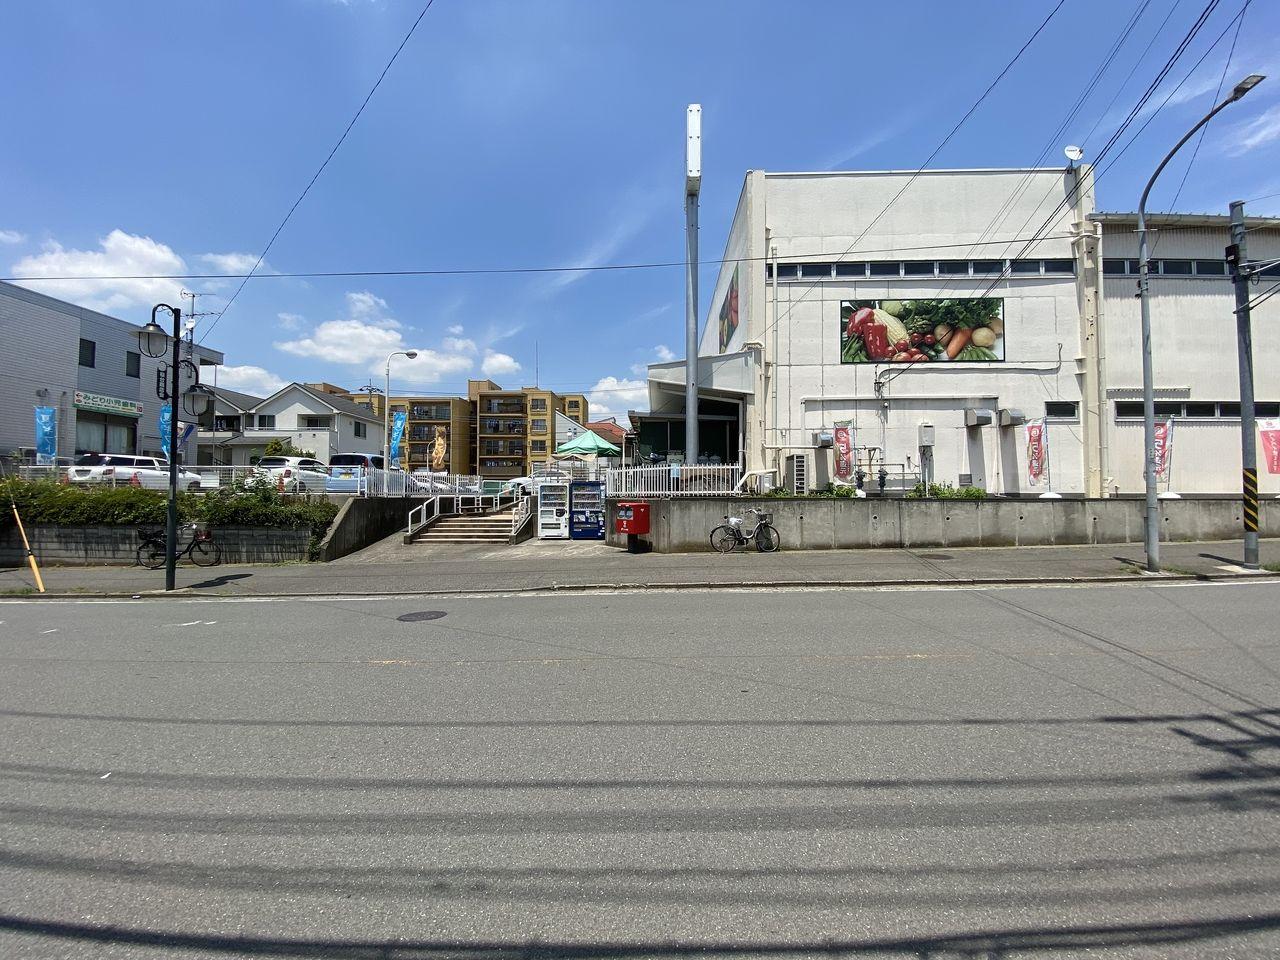 ユーコープ:桜台( 生活協同組合ユーコープ)の入口の様子です。